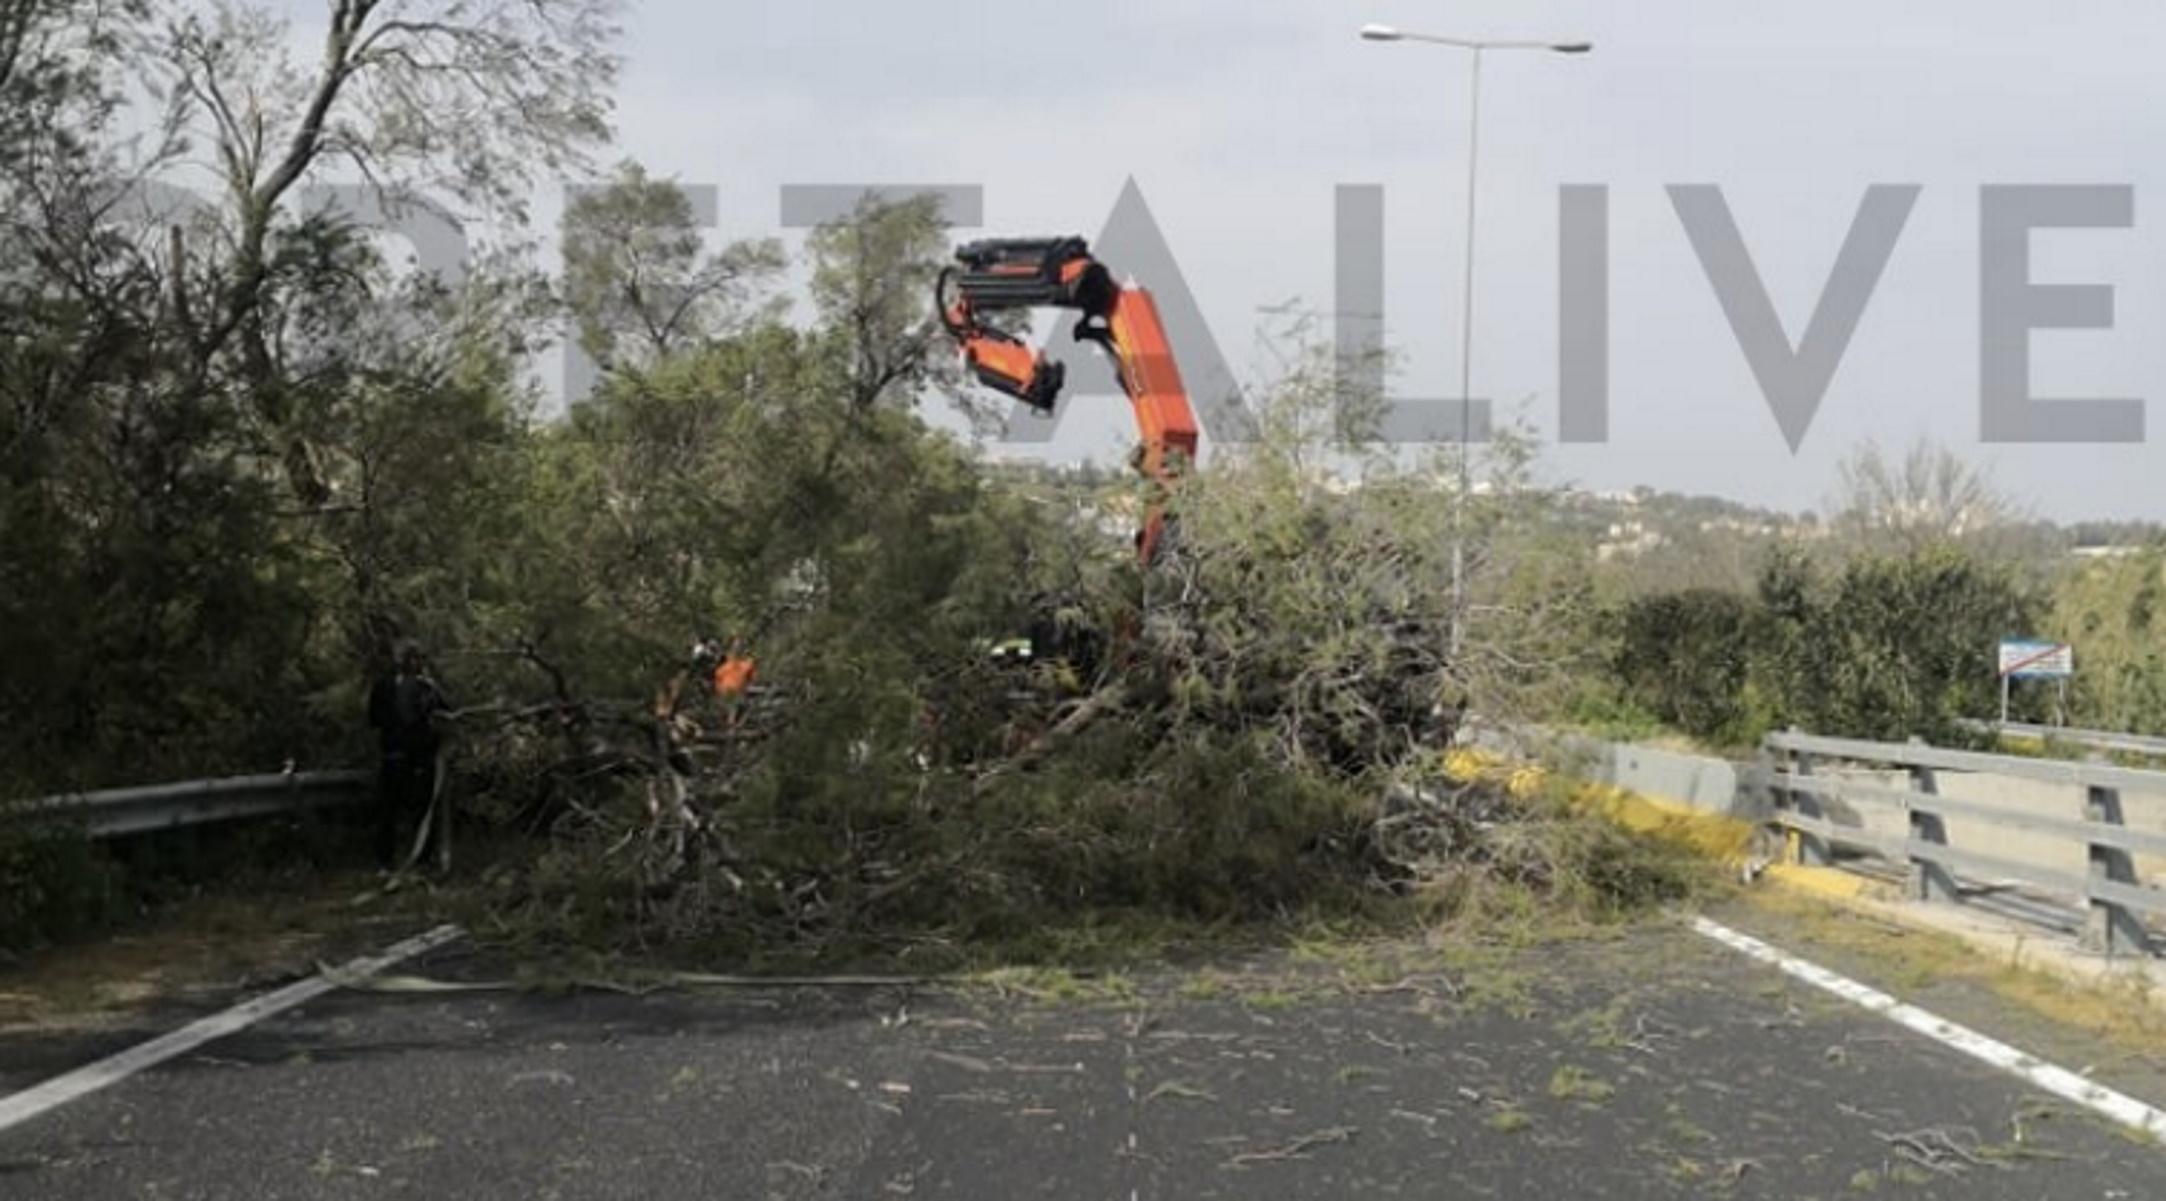 Καιρός – Κρήτη: Μεγάλο δέντρο έκλεισε την εθνική οδό – Θυελλώδεις άνεμοι σαρώνουν το νησί (pics)